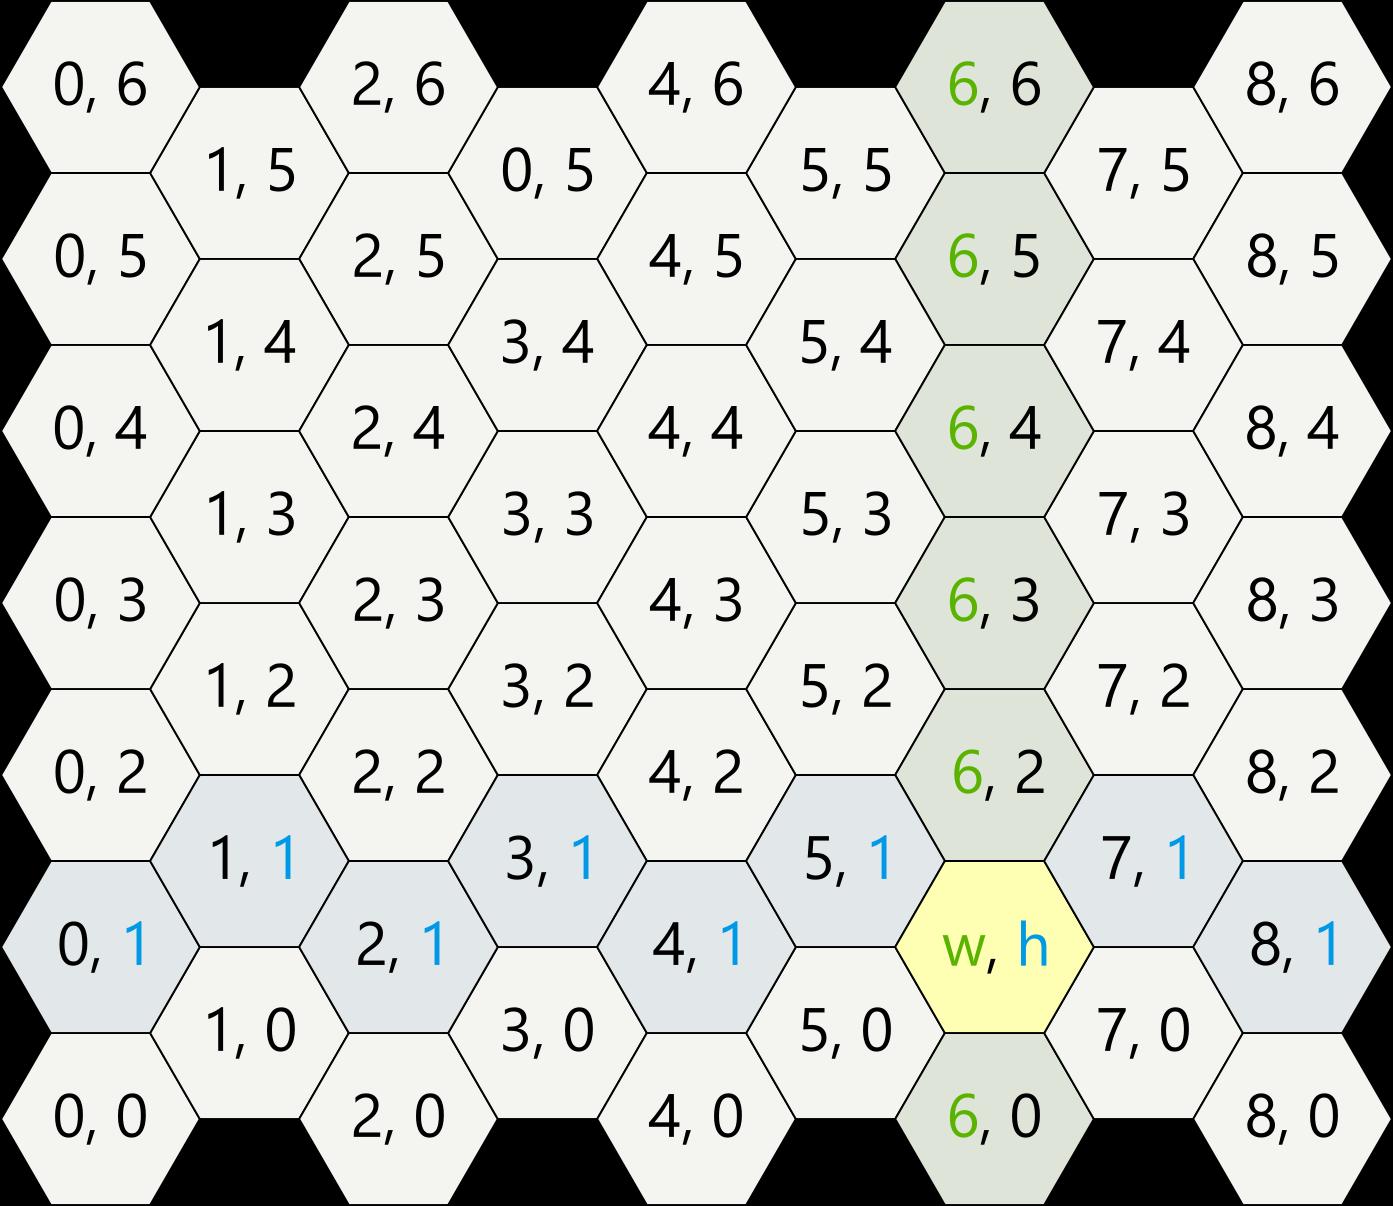 4 угла хорошо, а 6 лучше: гексагональные шахматы в консоли и с ботом - 4